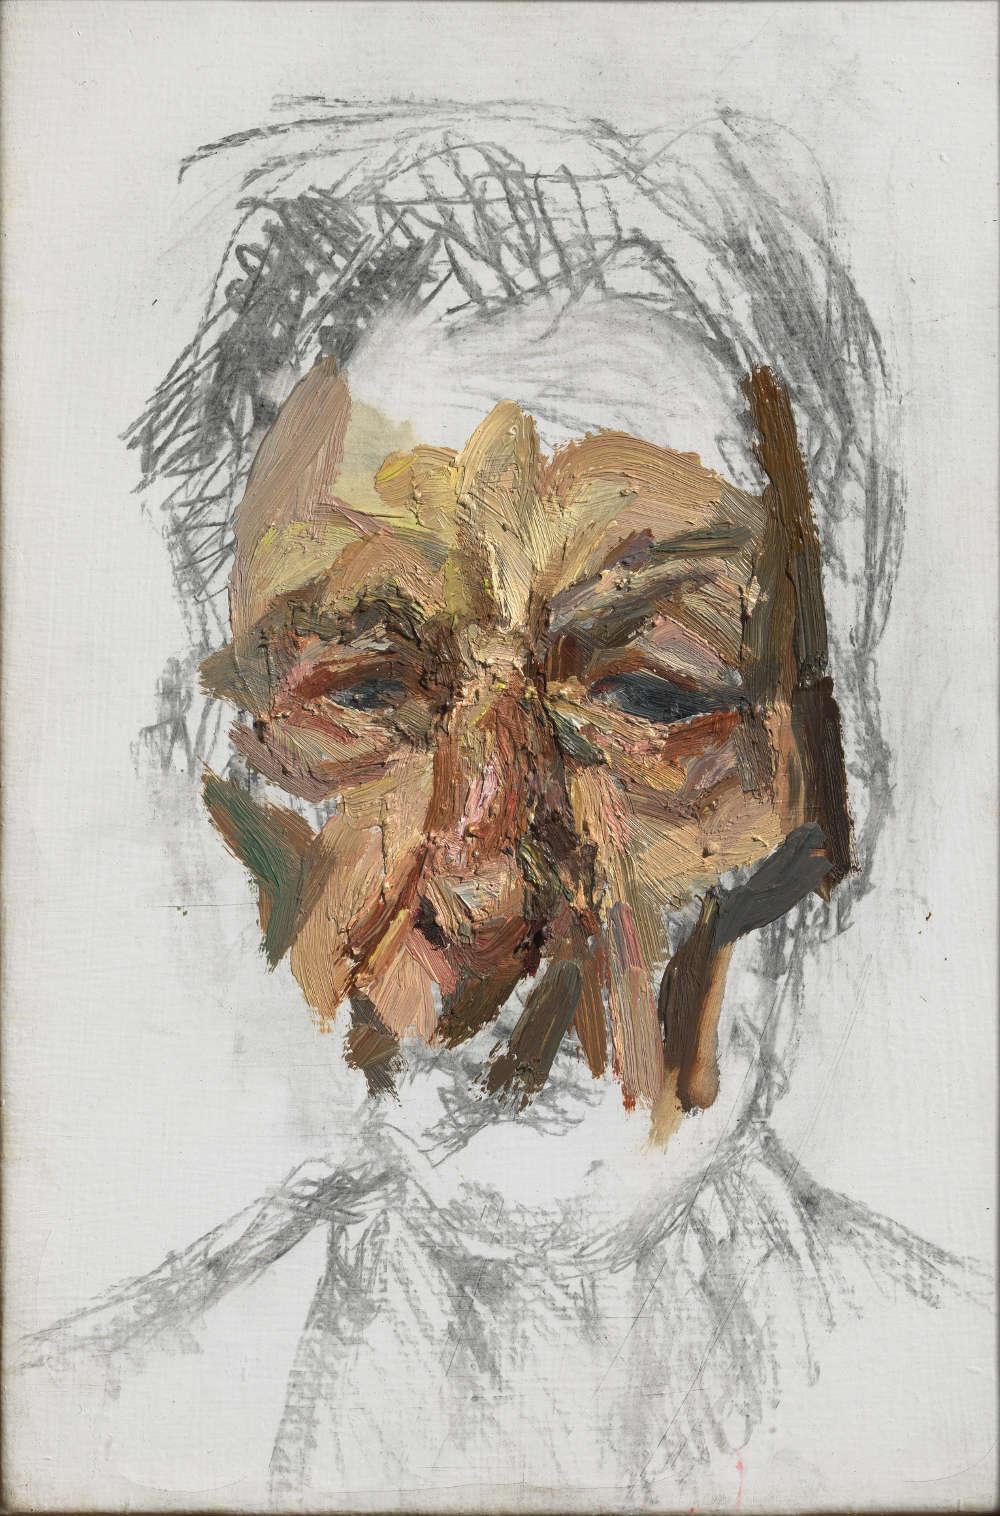 Lucian Freud, Self-Portrait, 2002